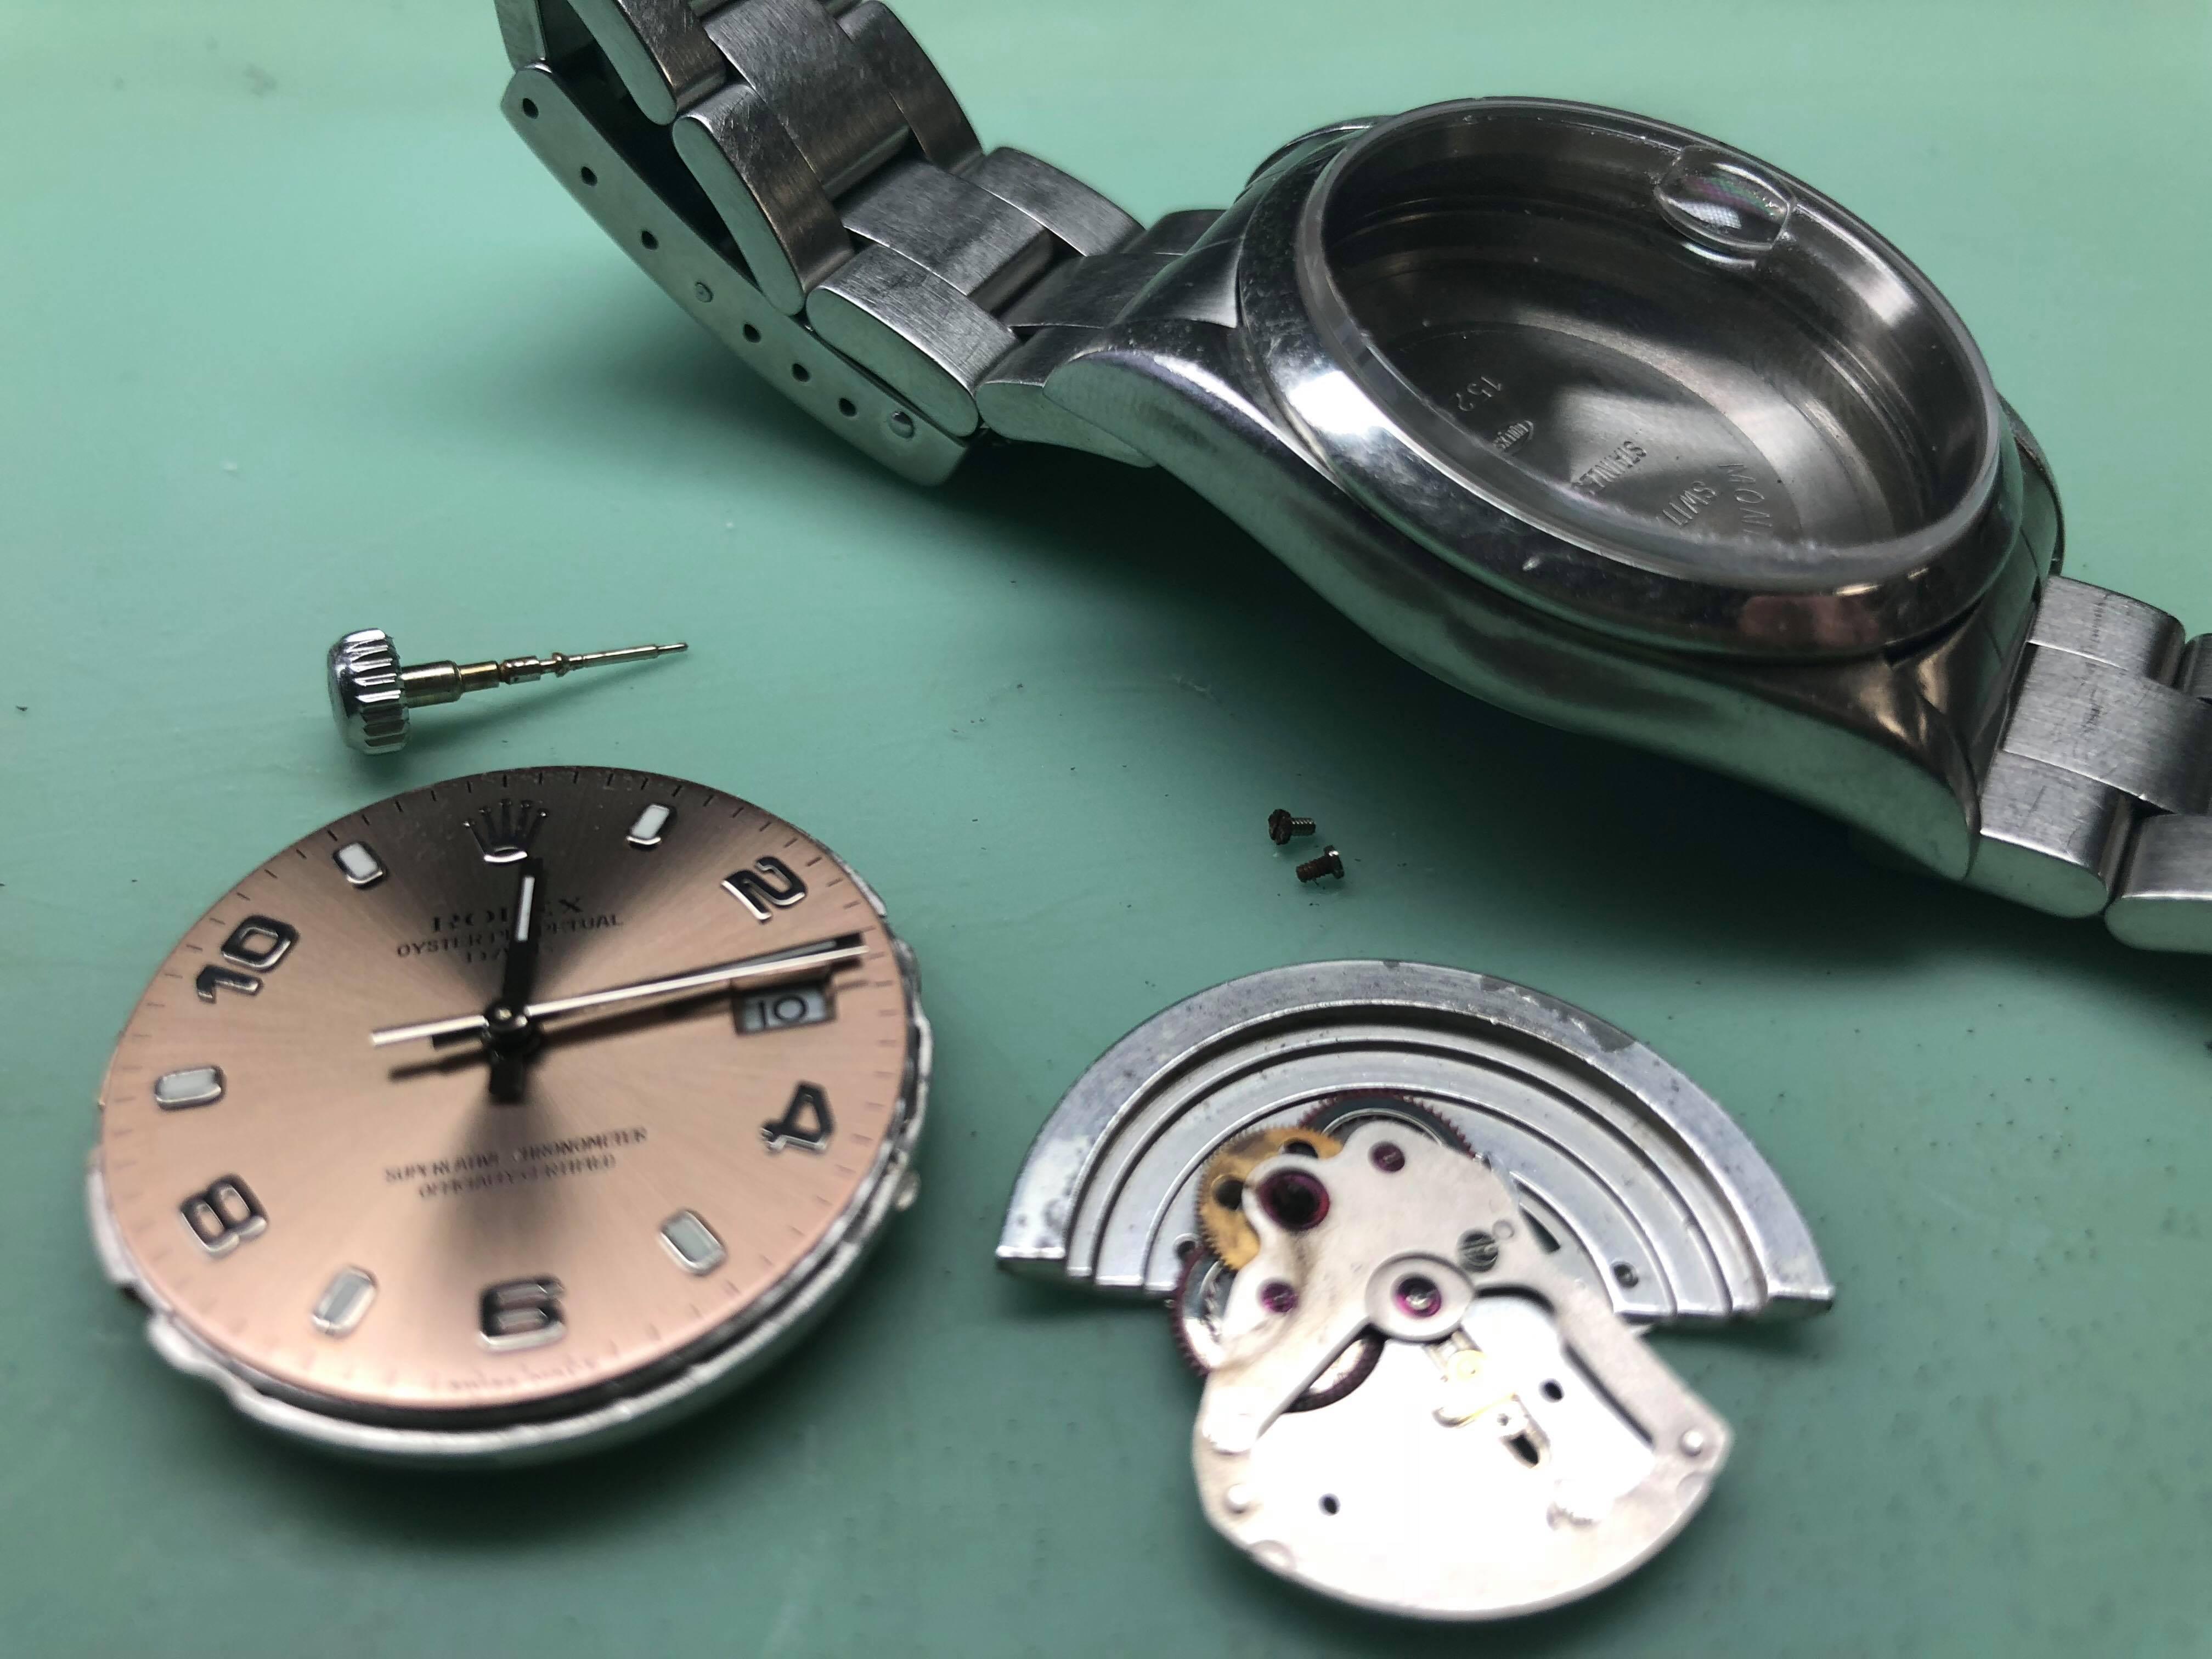 Ολοκληρωμένη επισκευή σε οξειδωμένο ρολόι Rolex 00d17c2edc2